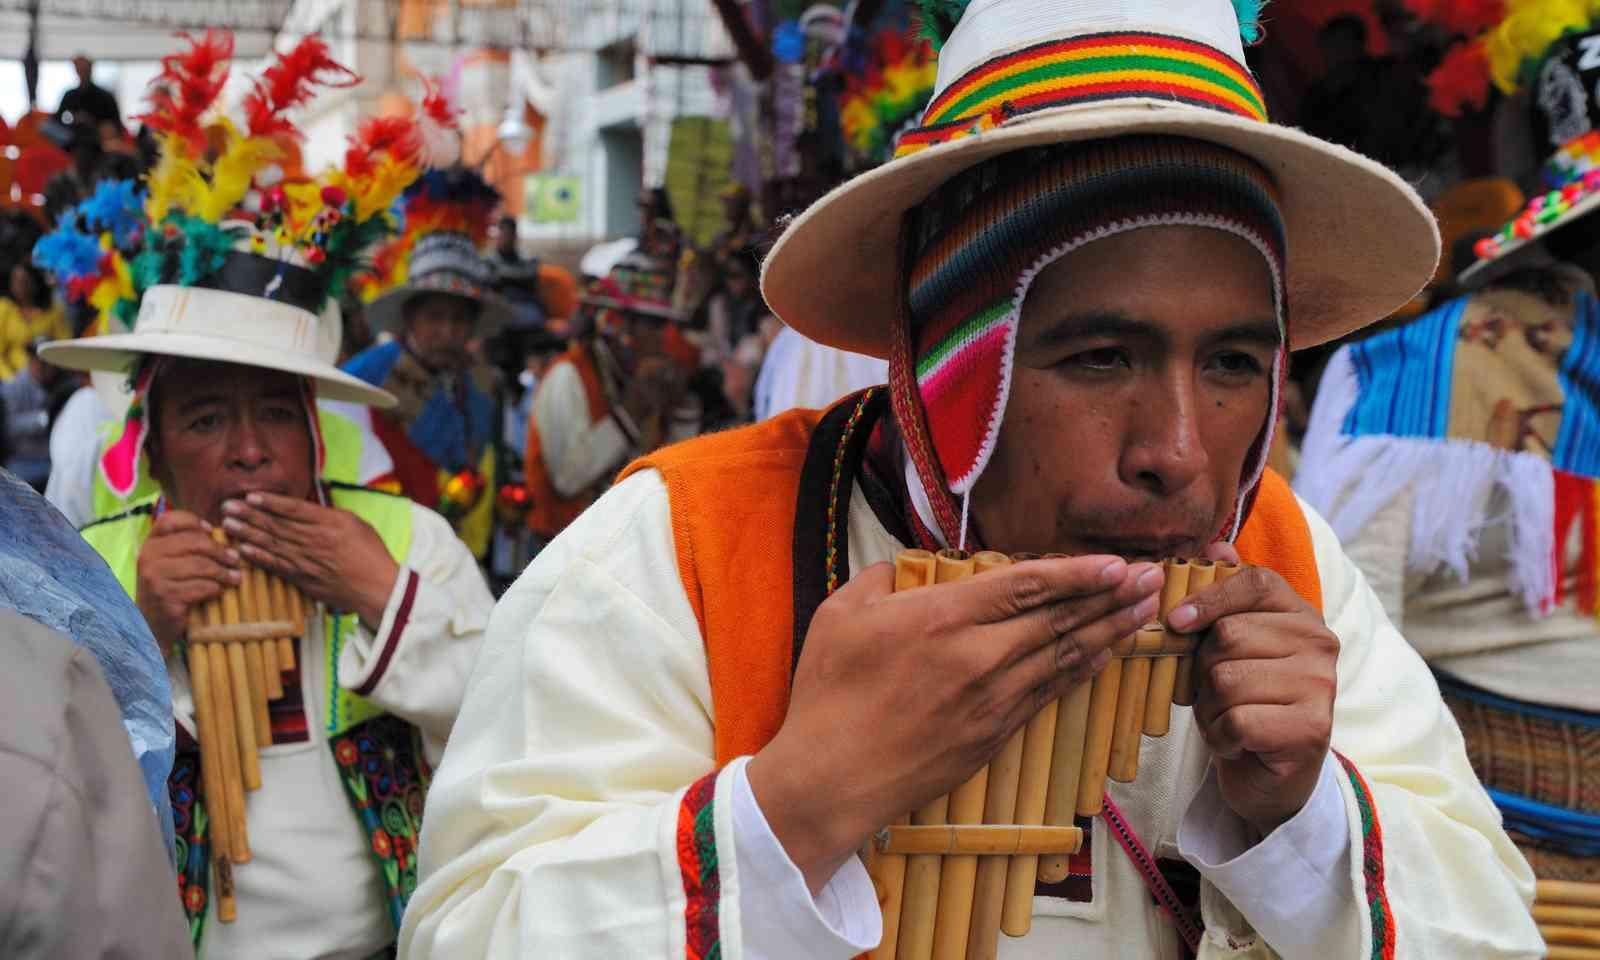 Ouro costume carnival, Potosi (Shutterstock.com)